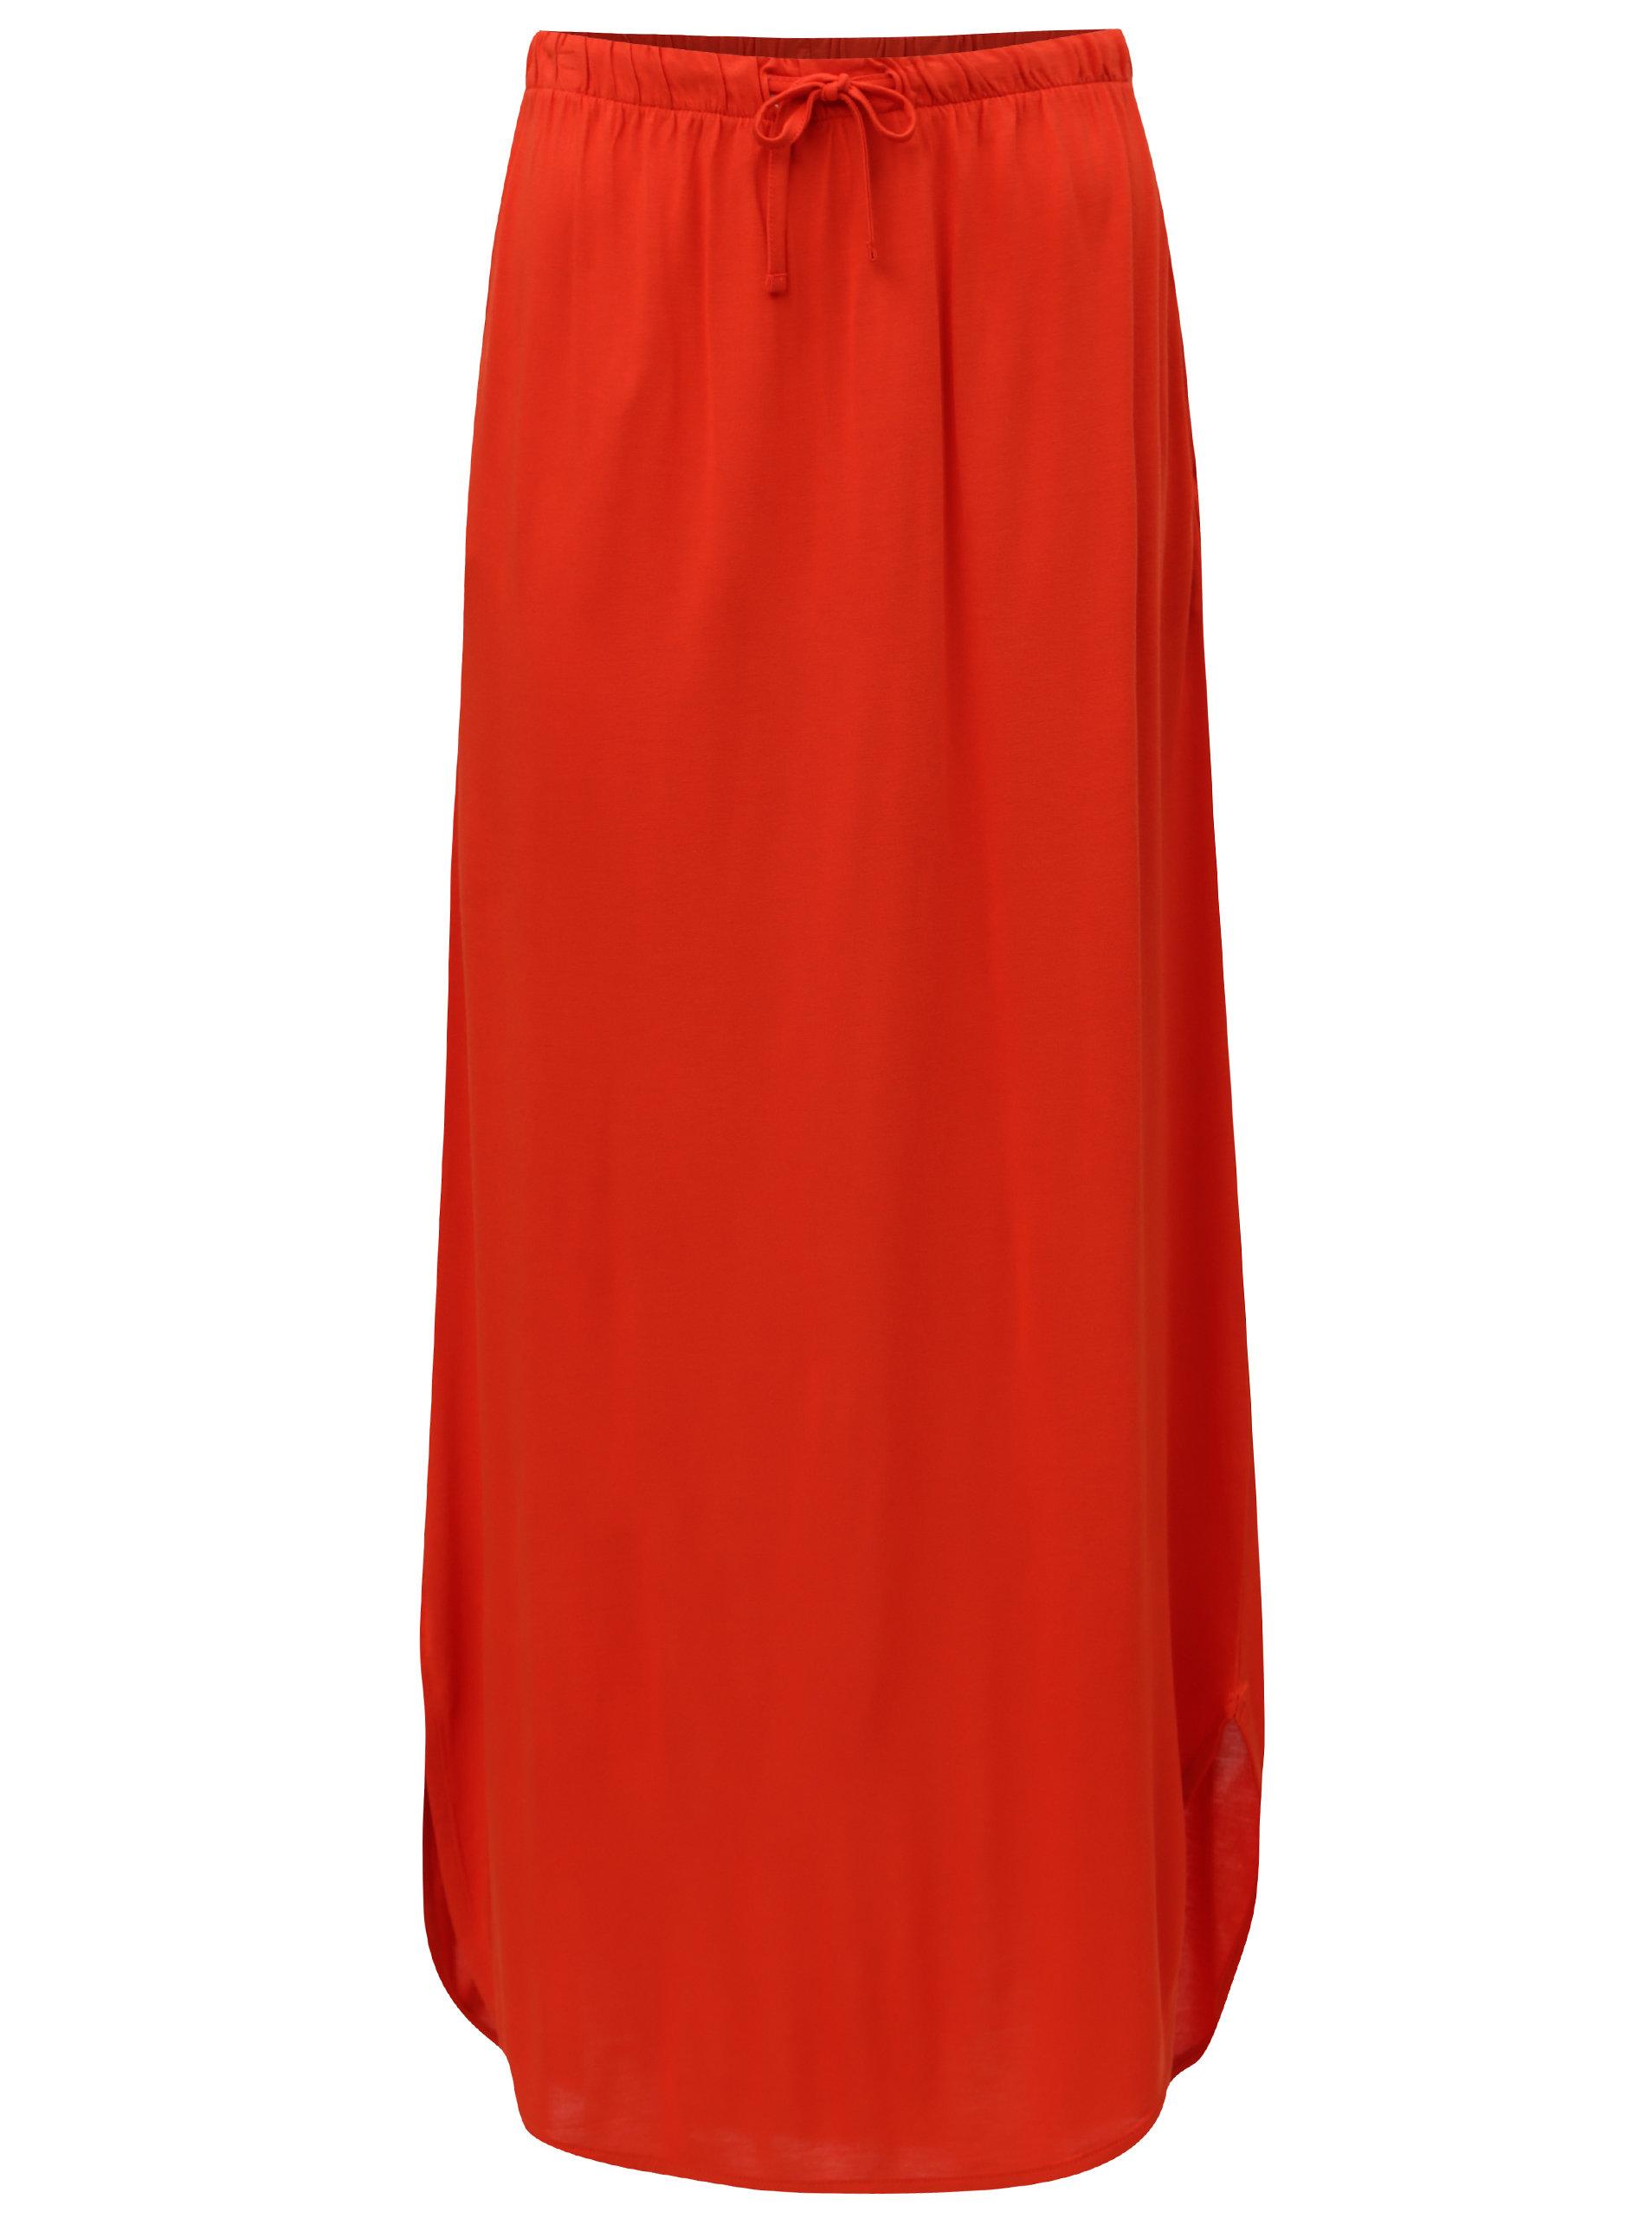 3376add2401 Červená maxi sukně s kapsami Jacqueline de Yong Safety ...